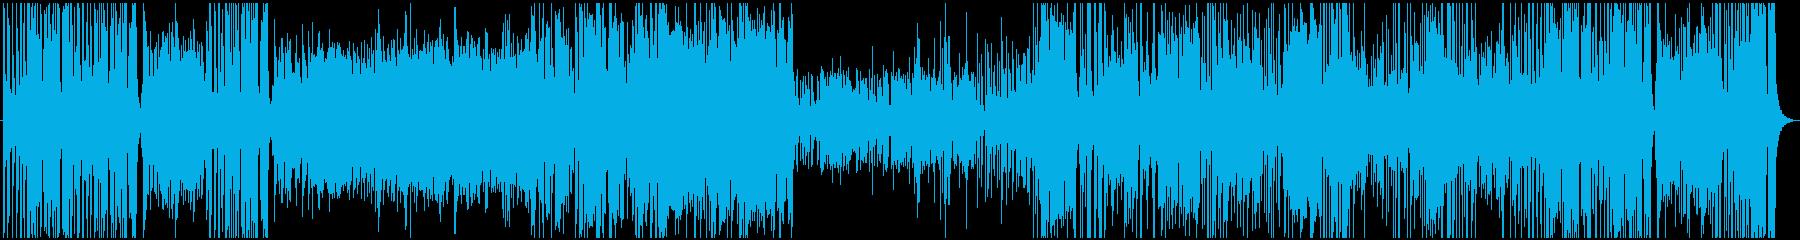 テーマベーストランペットとピアノソ...の再生済みの波形